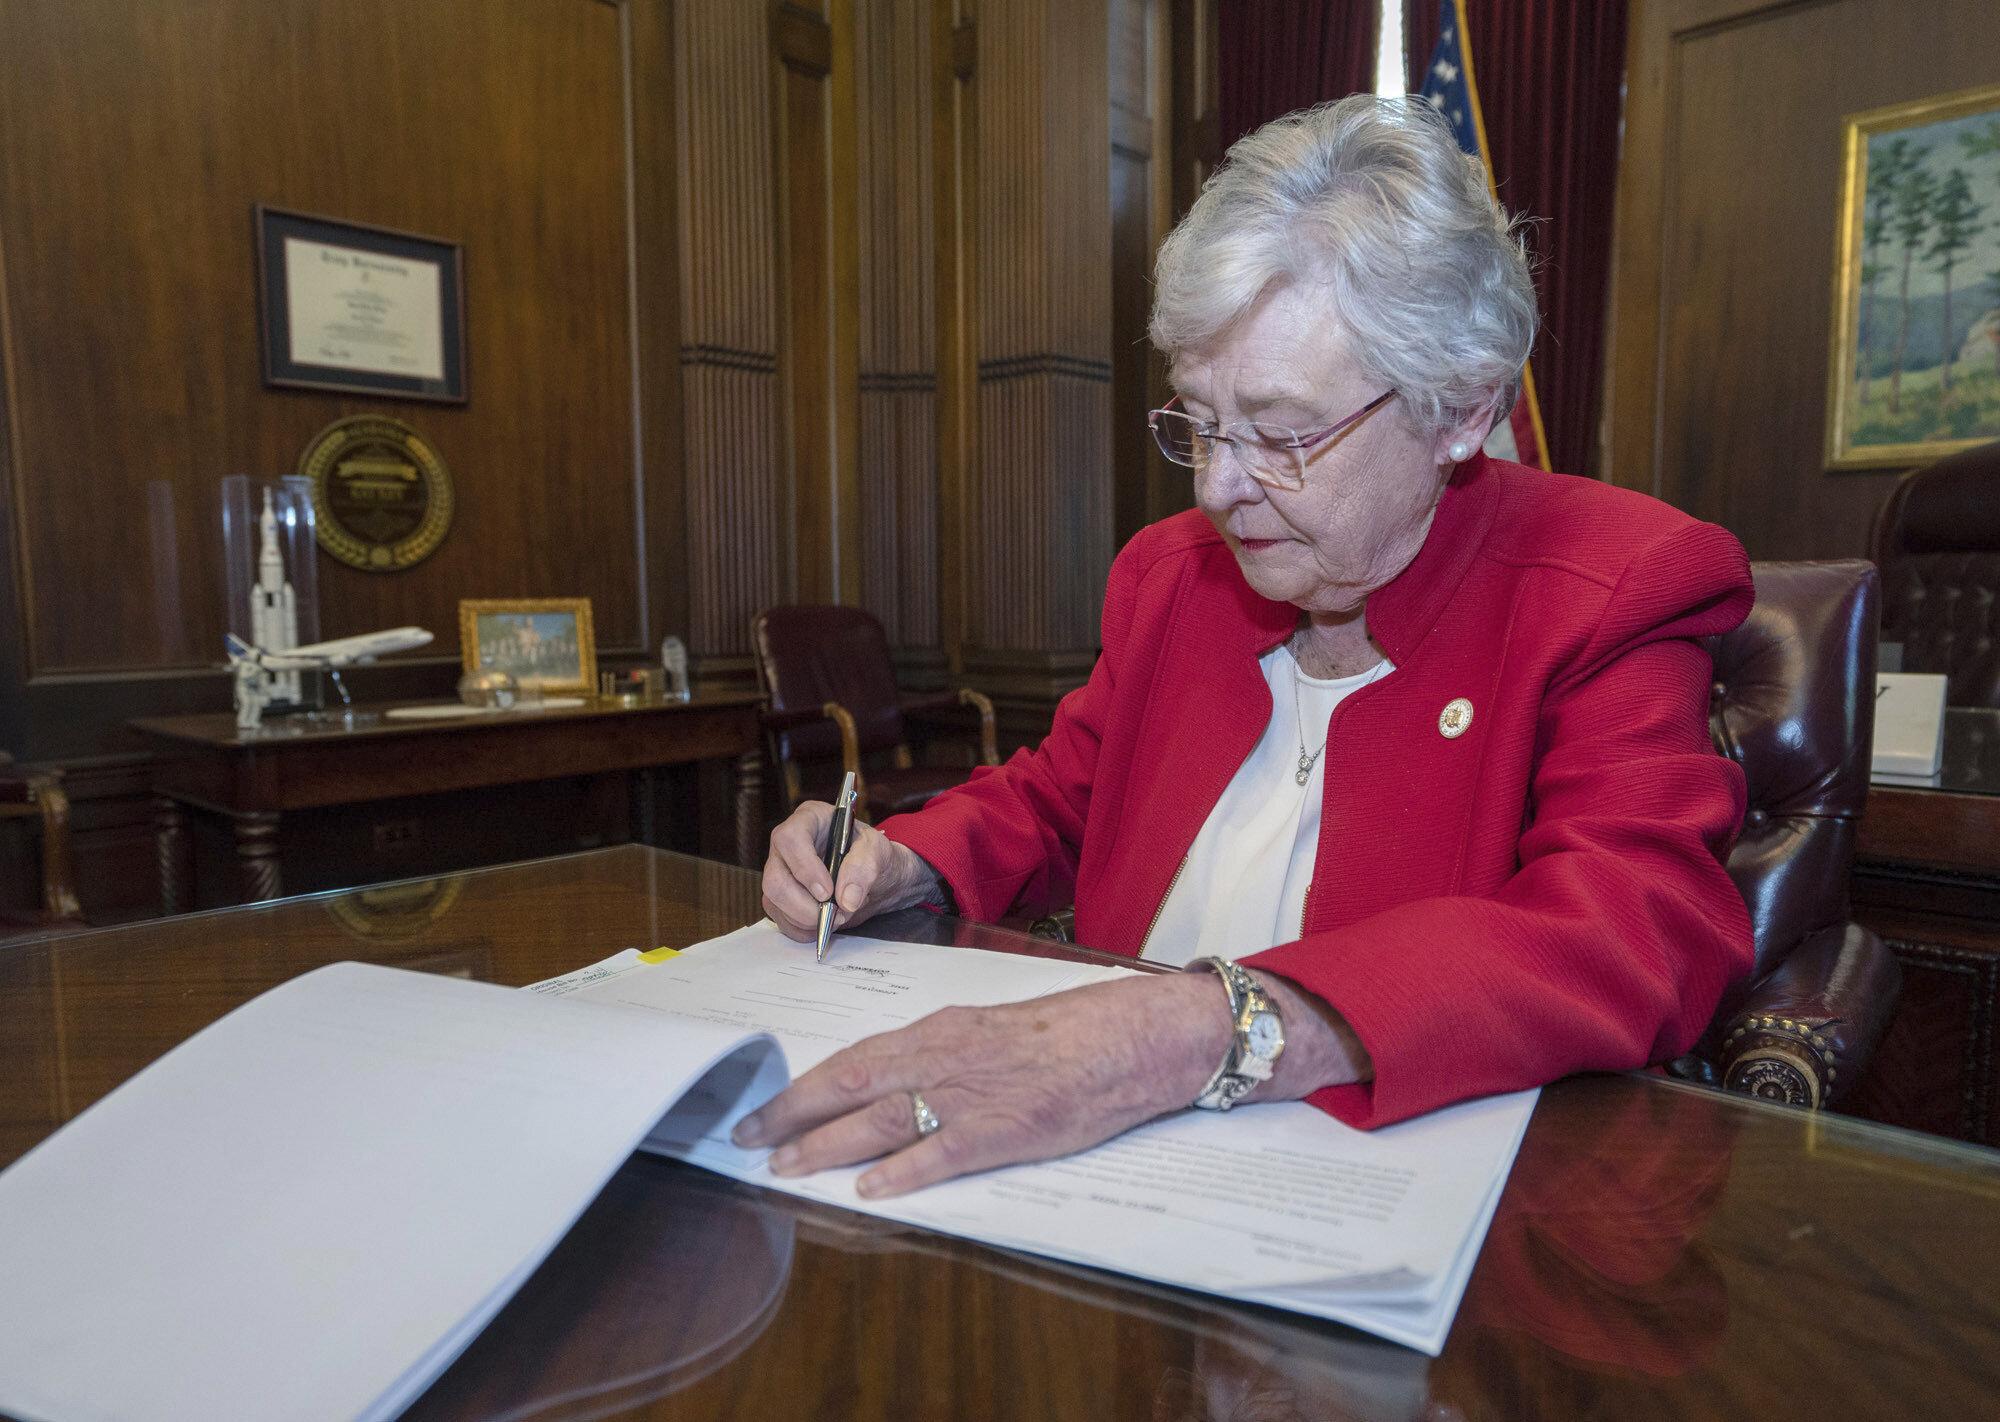 La gobernadora de Alabama, Kay Ivey, firma una ley que penaliza el aborto en casi todos los casos en el estado, el miércoles 15 de mayo de 2019, en Montgomery, Alabama. (Hal Yeager/Alabama Governor's Office vía AP)